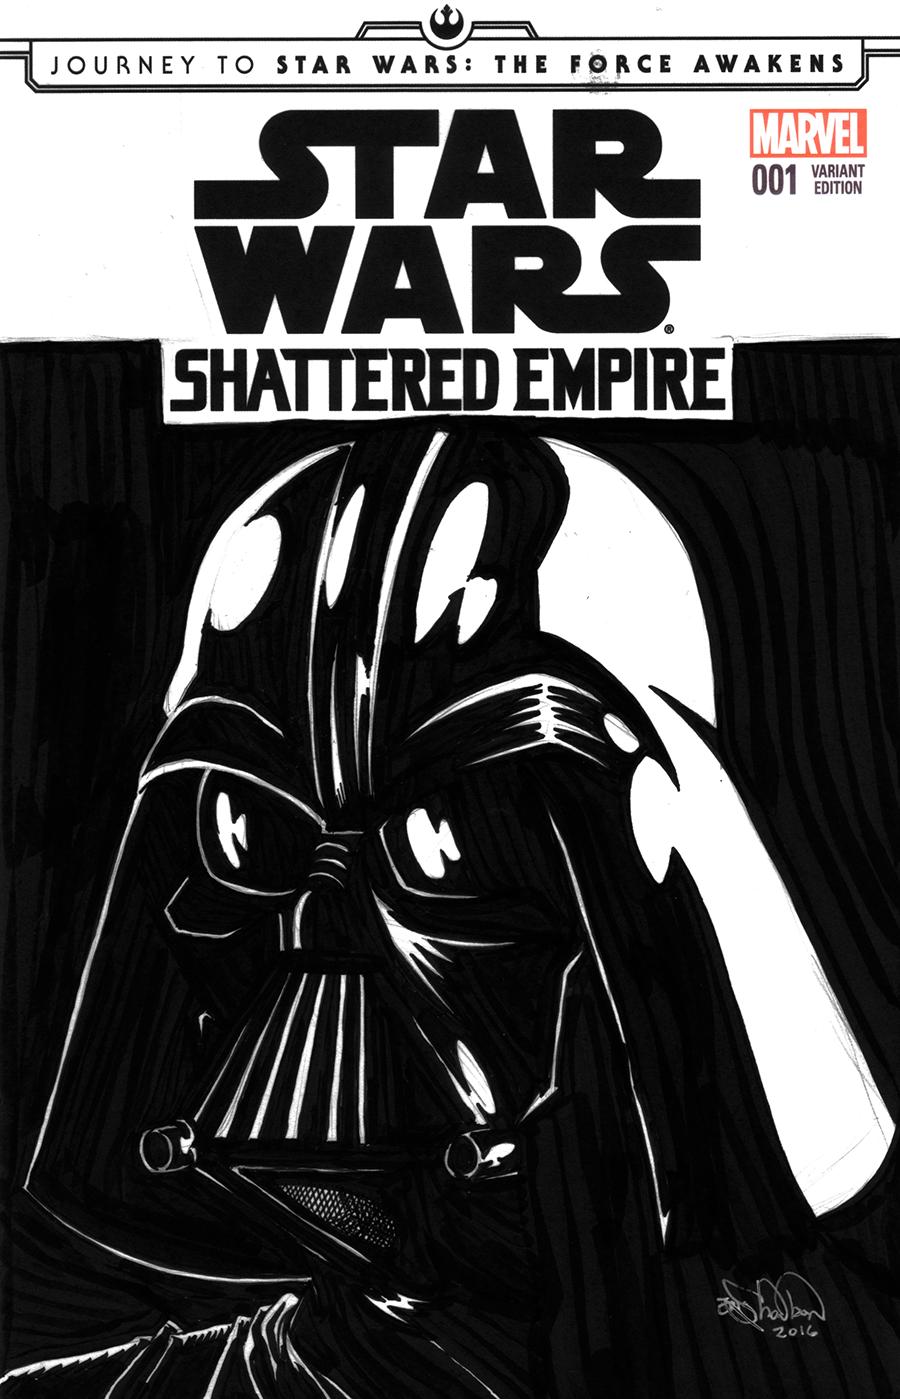 499. Darth Vader